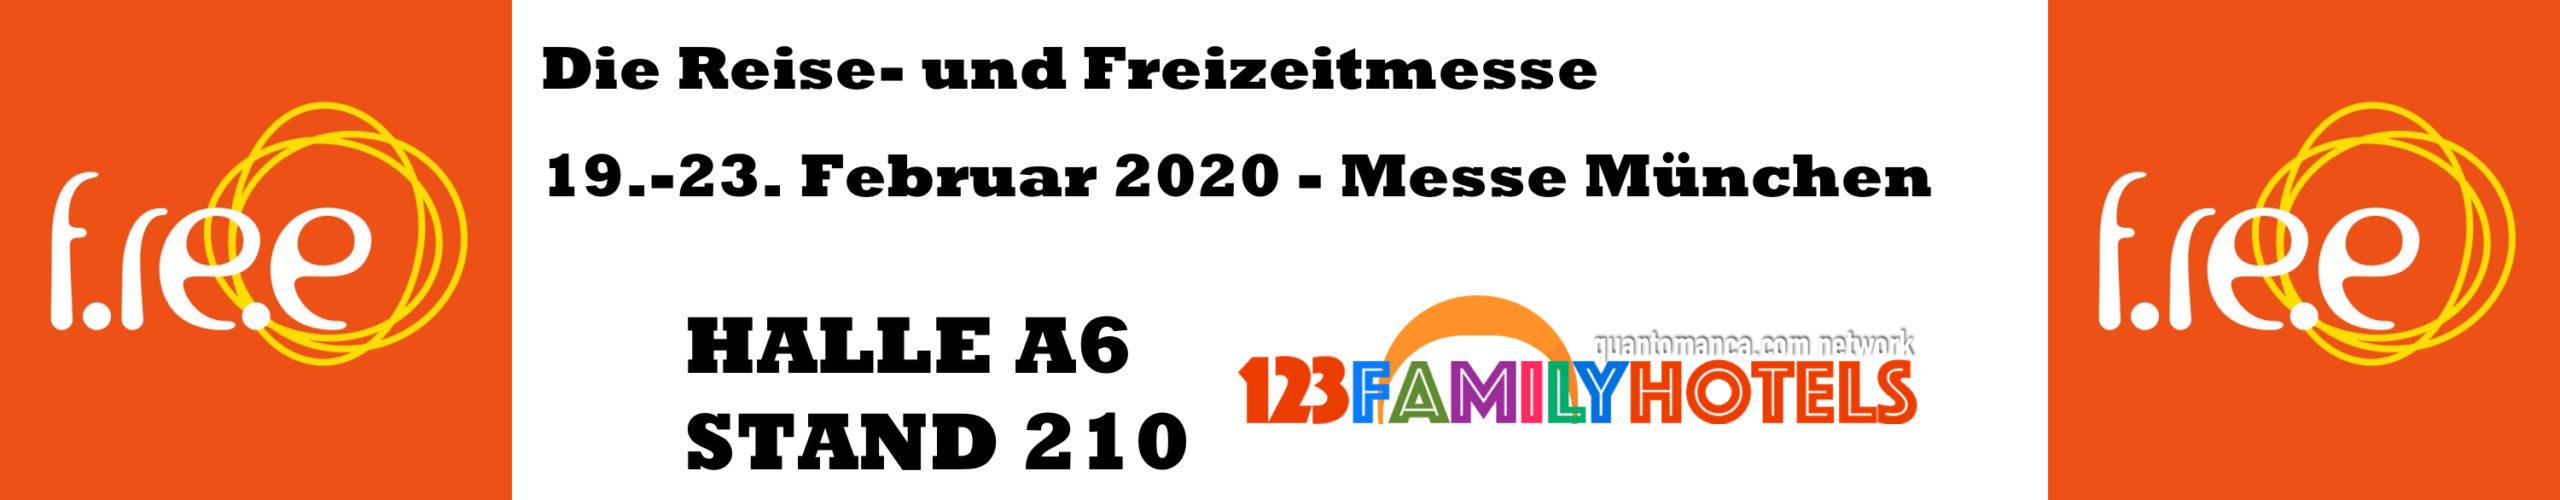 Free 2020 München - Freizeitmesse Bayern - wir stellen aus Halle A6 Stand 210